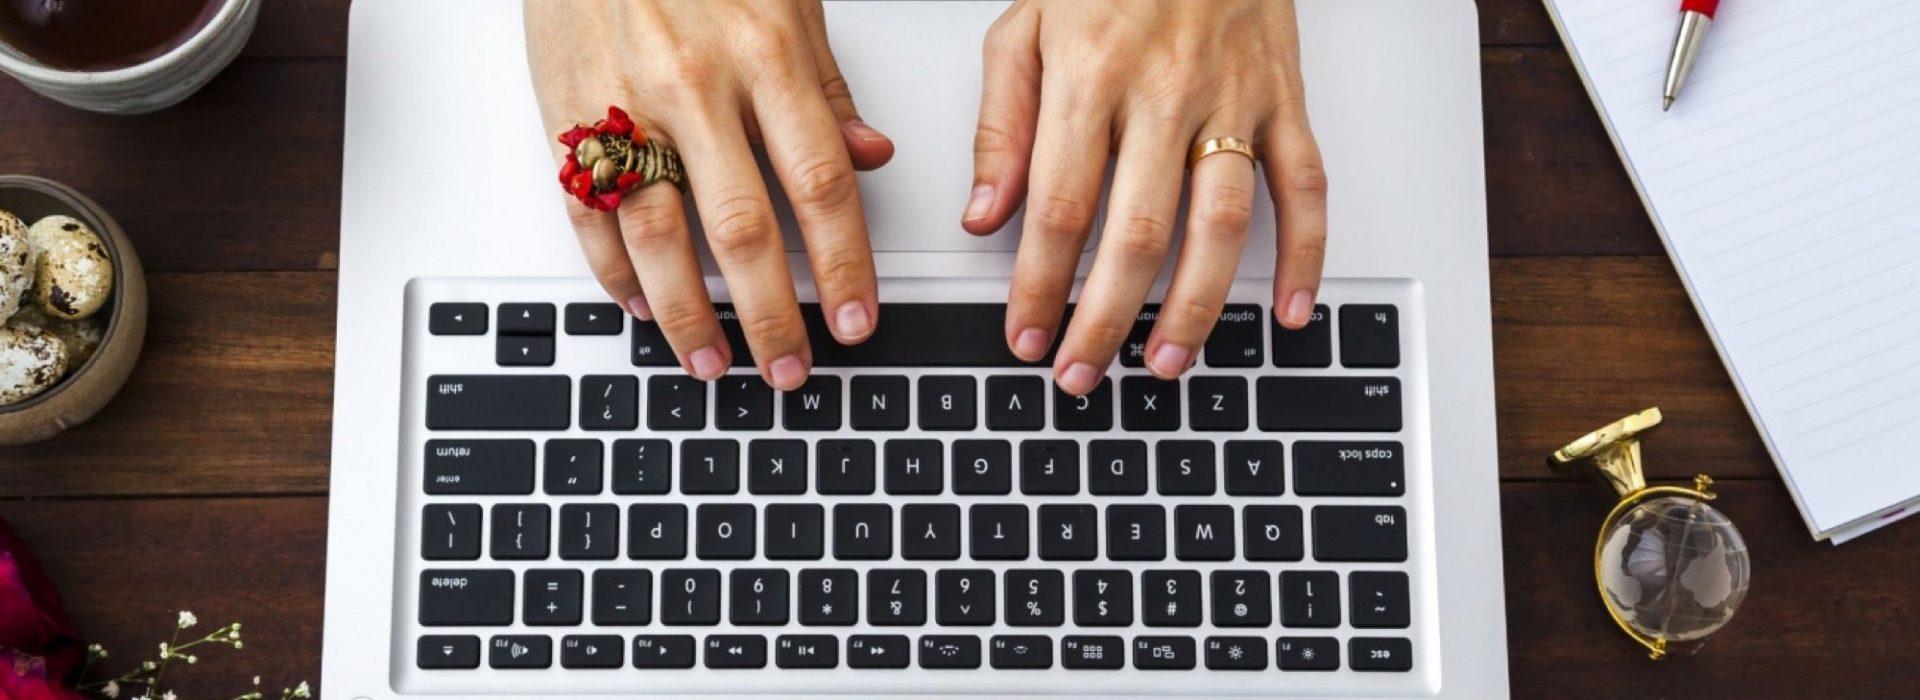 Nowości w Twoim sklepie internetowym - update